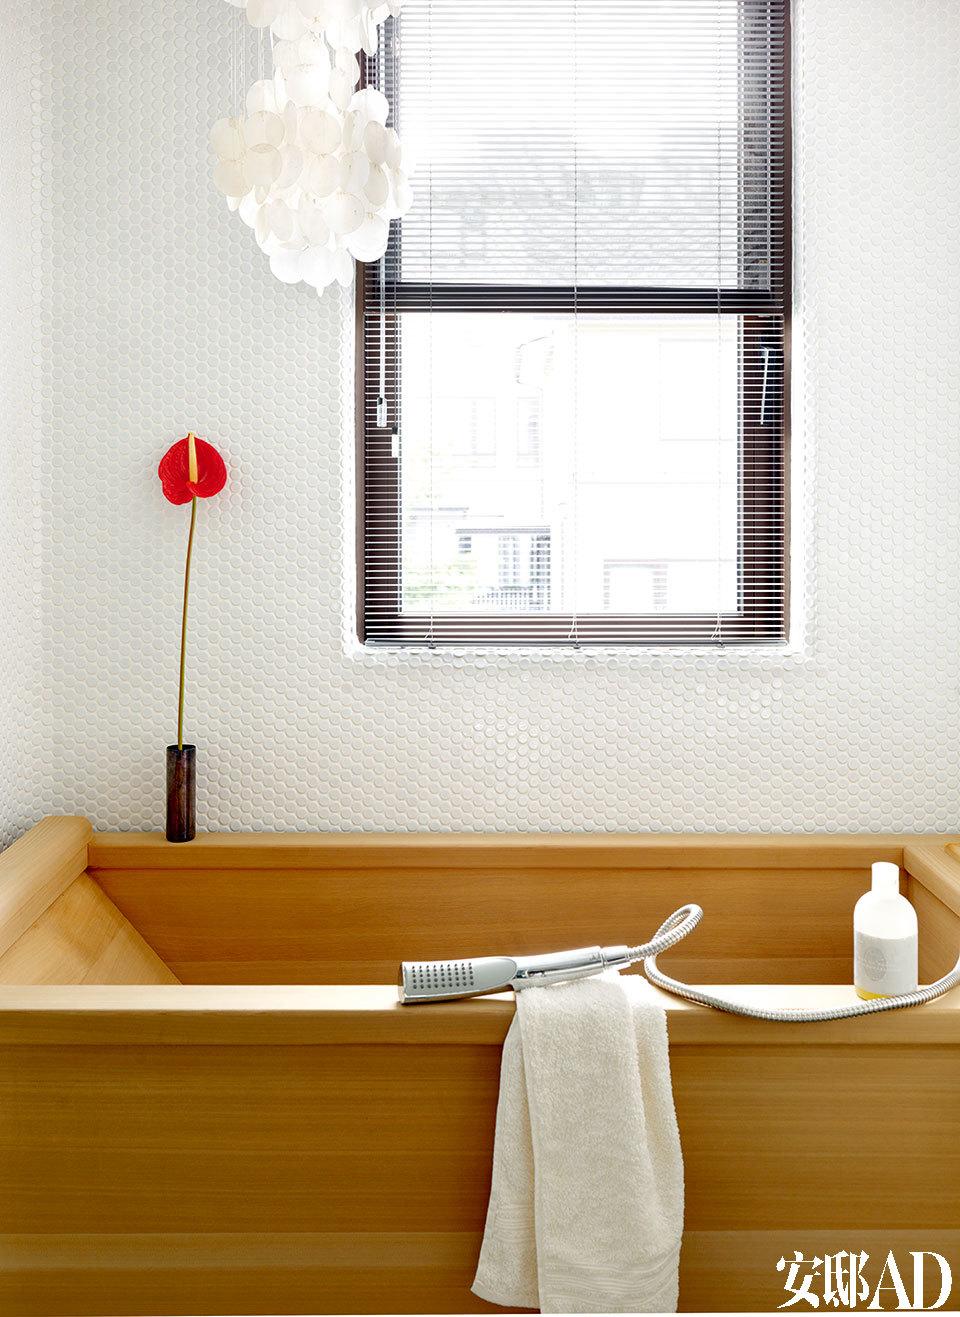 一个砌满白色马赛克的浴厕,浴缸为手工特别定制,使用特殊的阿拉斯加扁柏木材质。